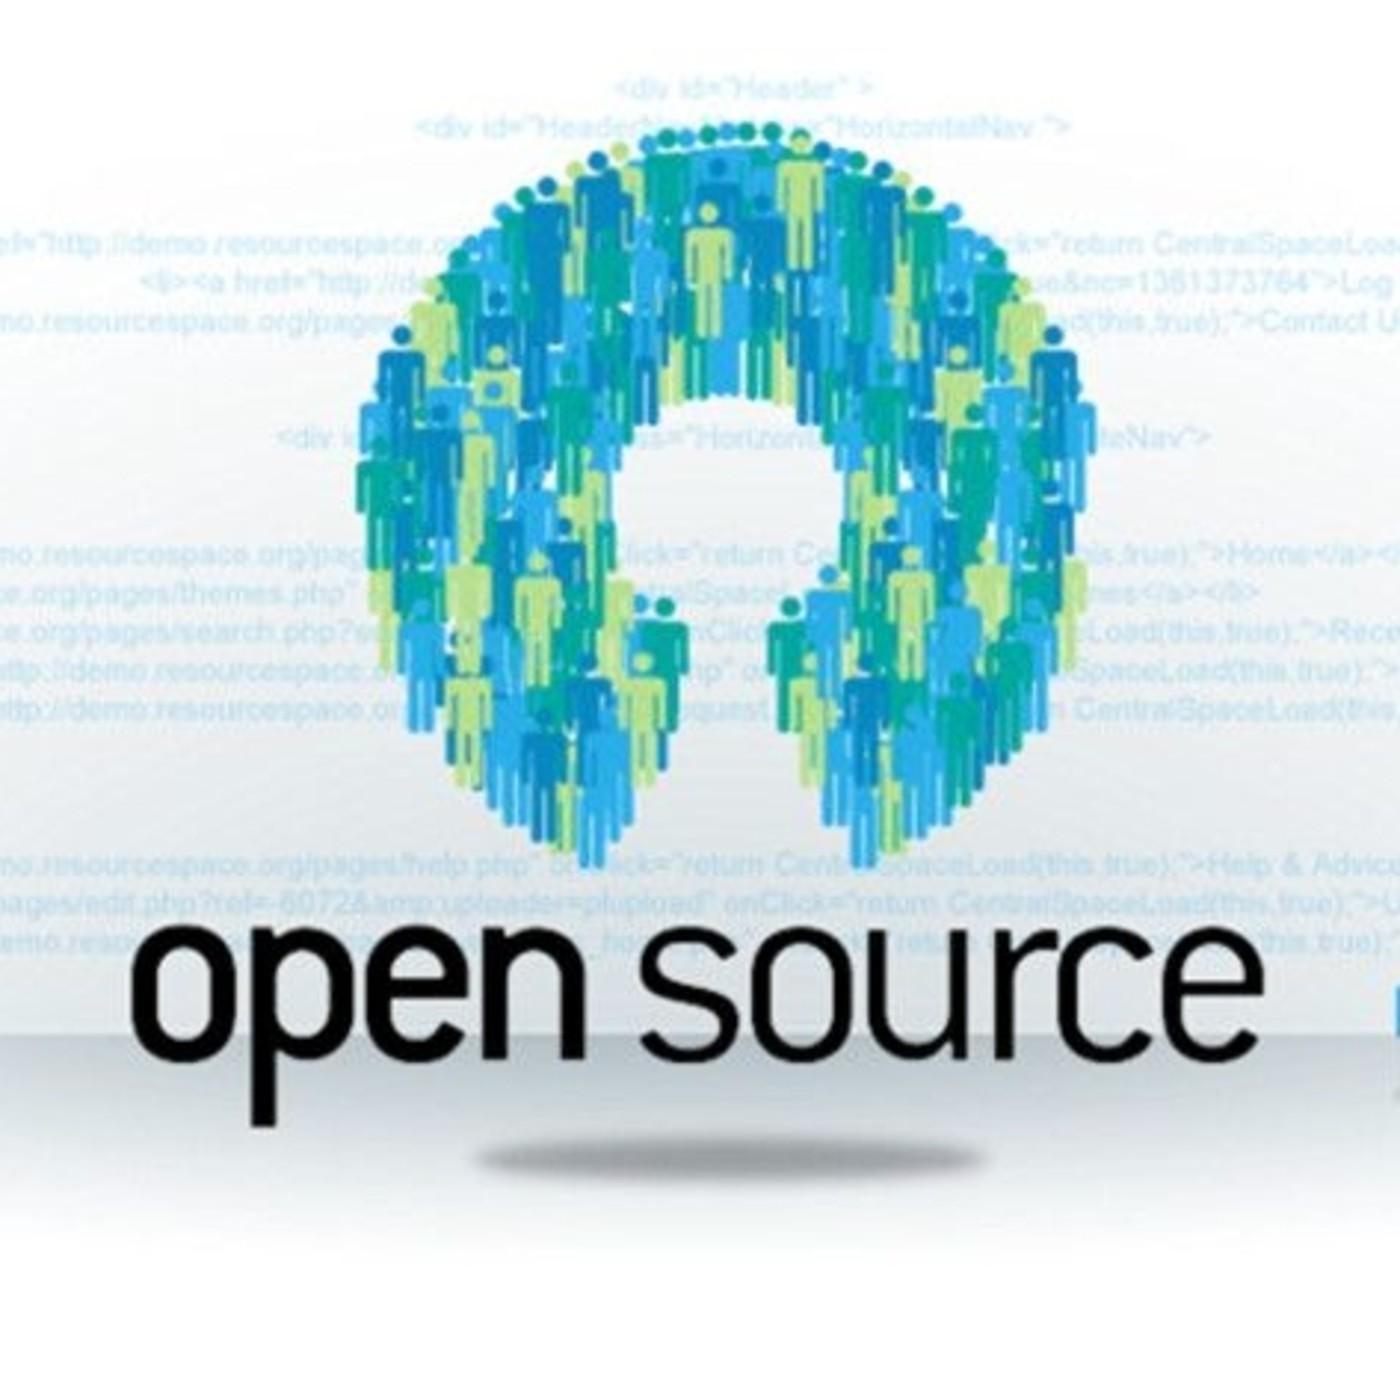 ¿Cómo hacemos sostenible el código abierto? ¿Tendríamos que pagar por él? - 01x13